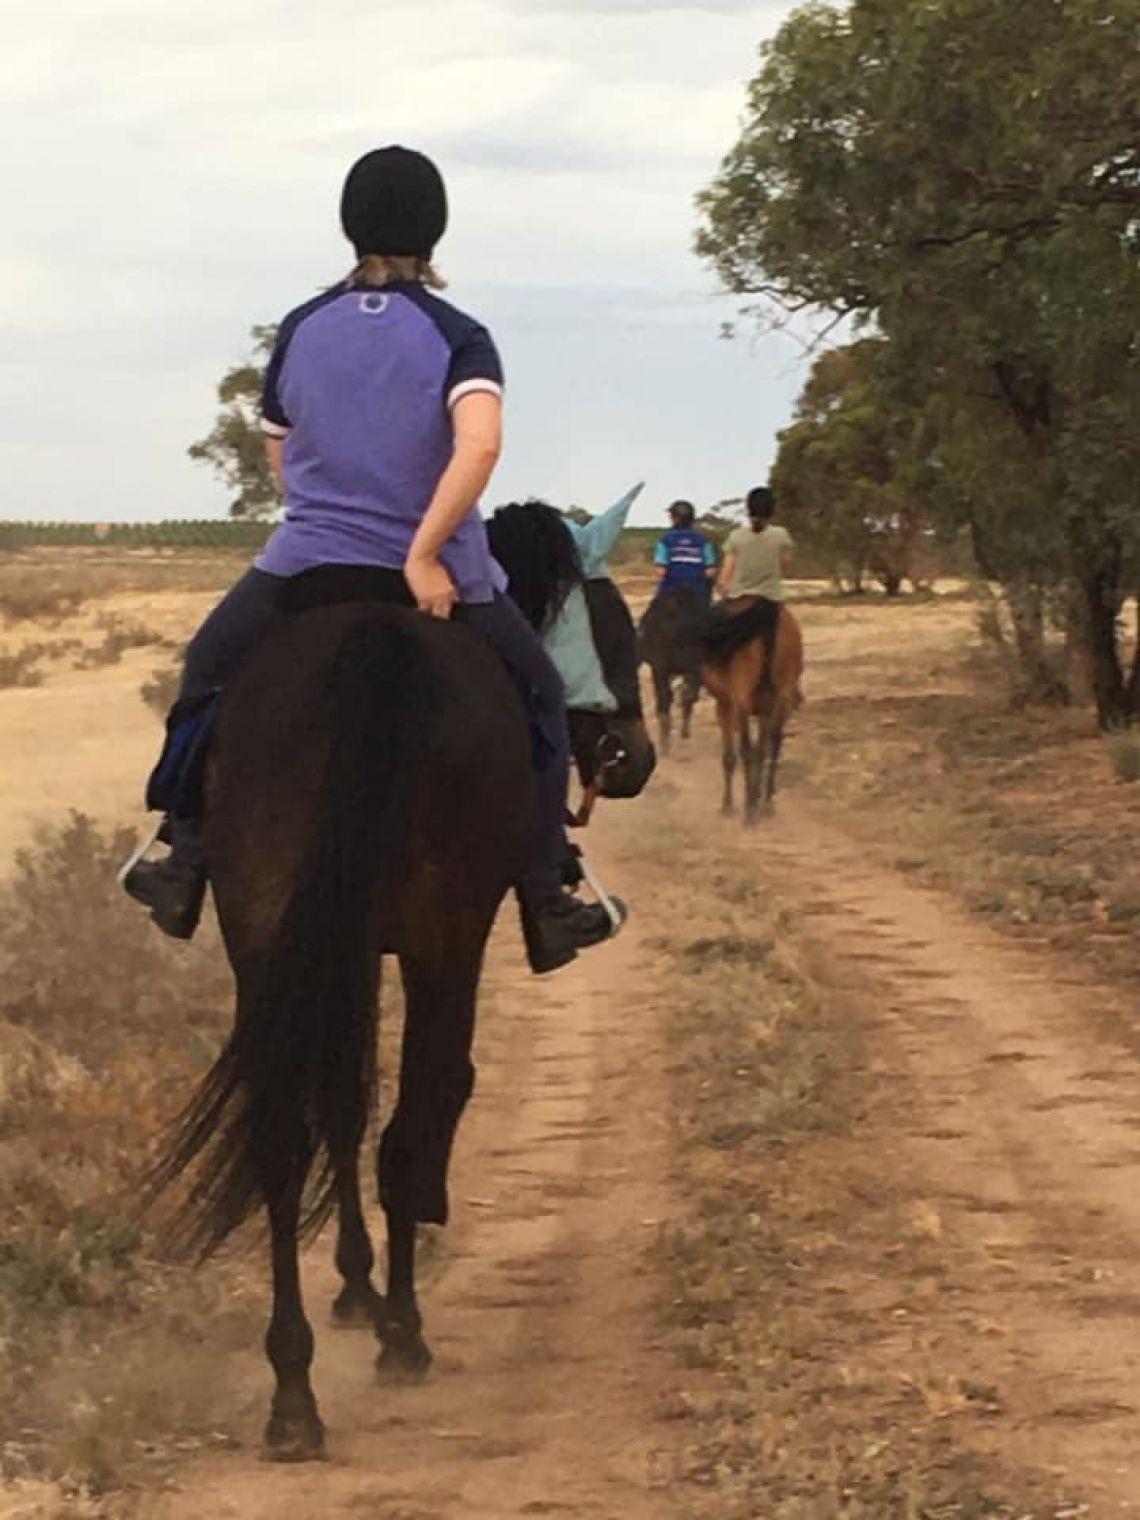 Trail Ride - Sun 8th March - 3.30pm